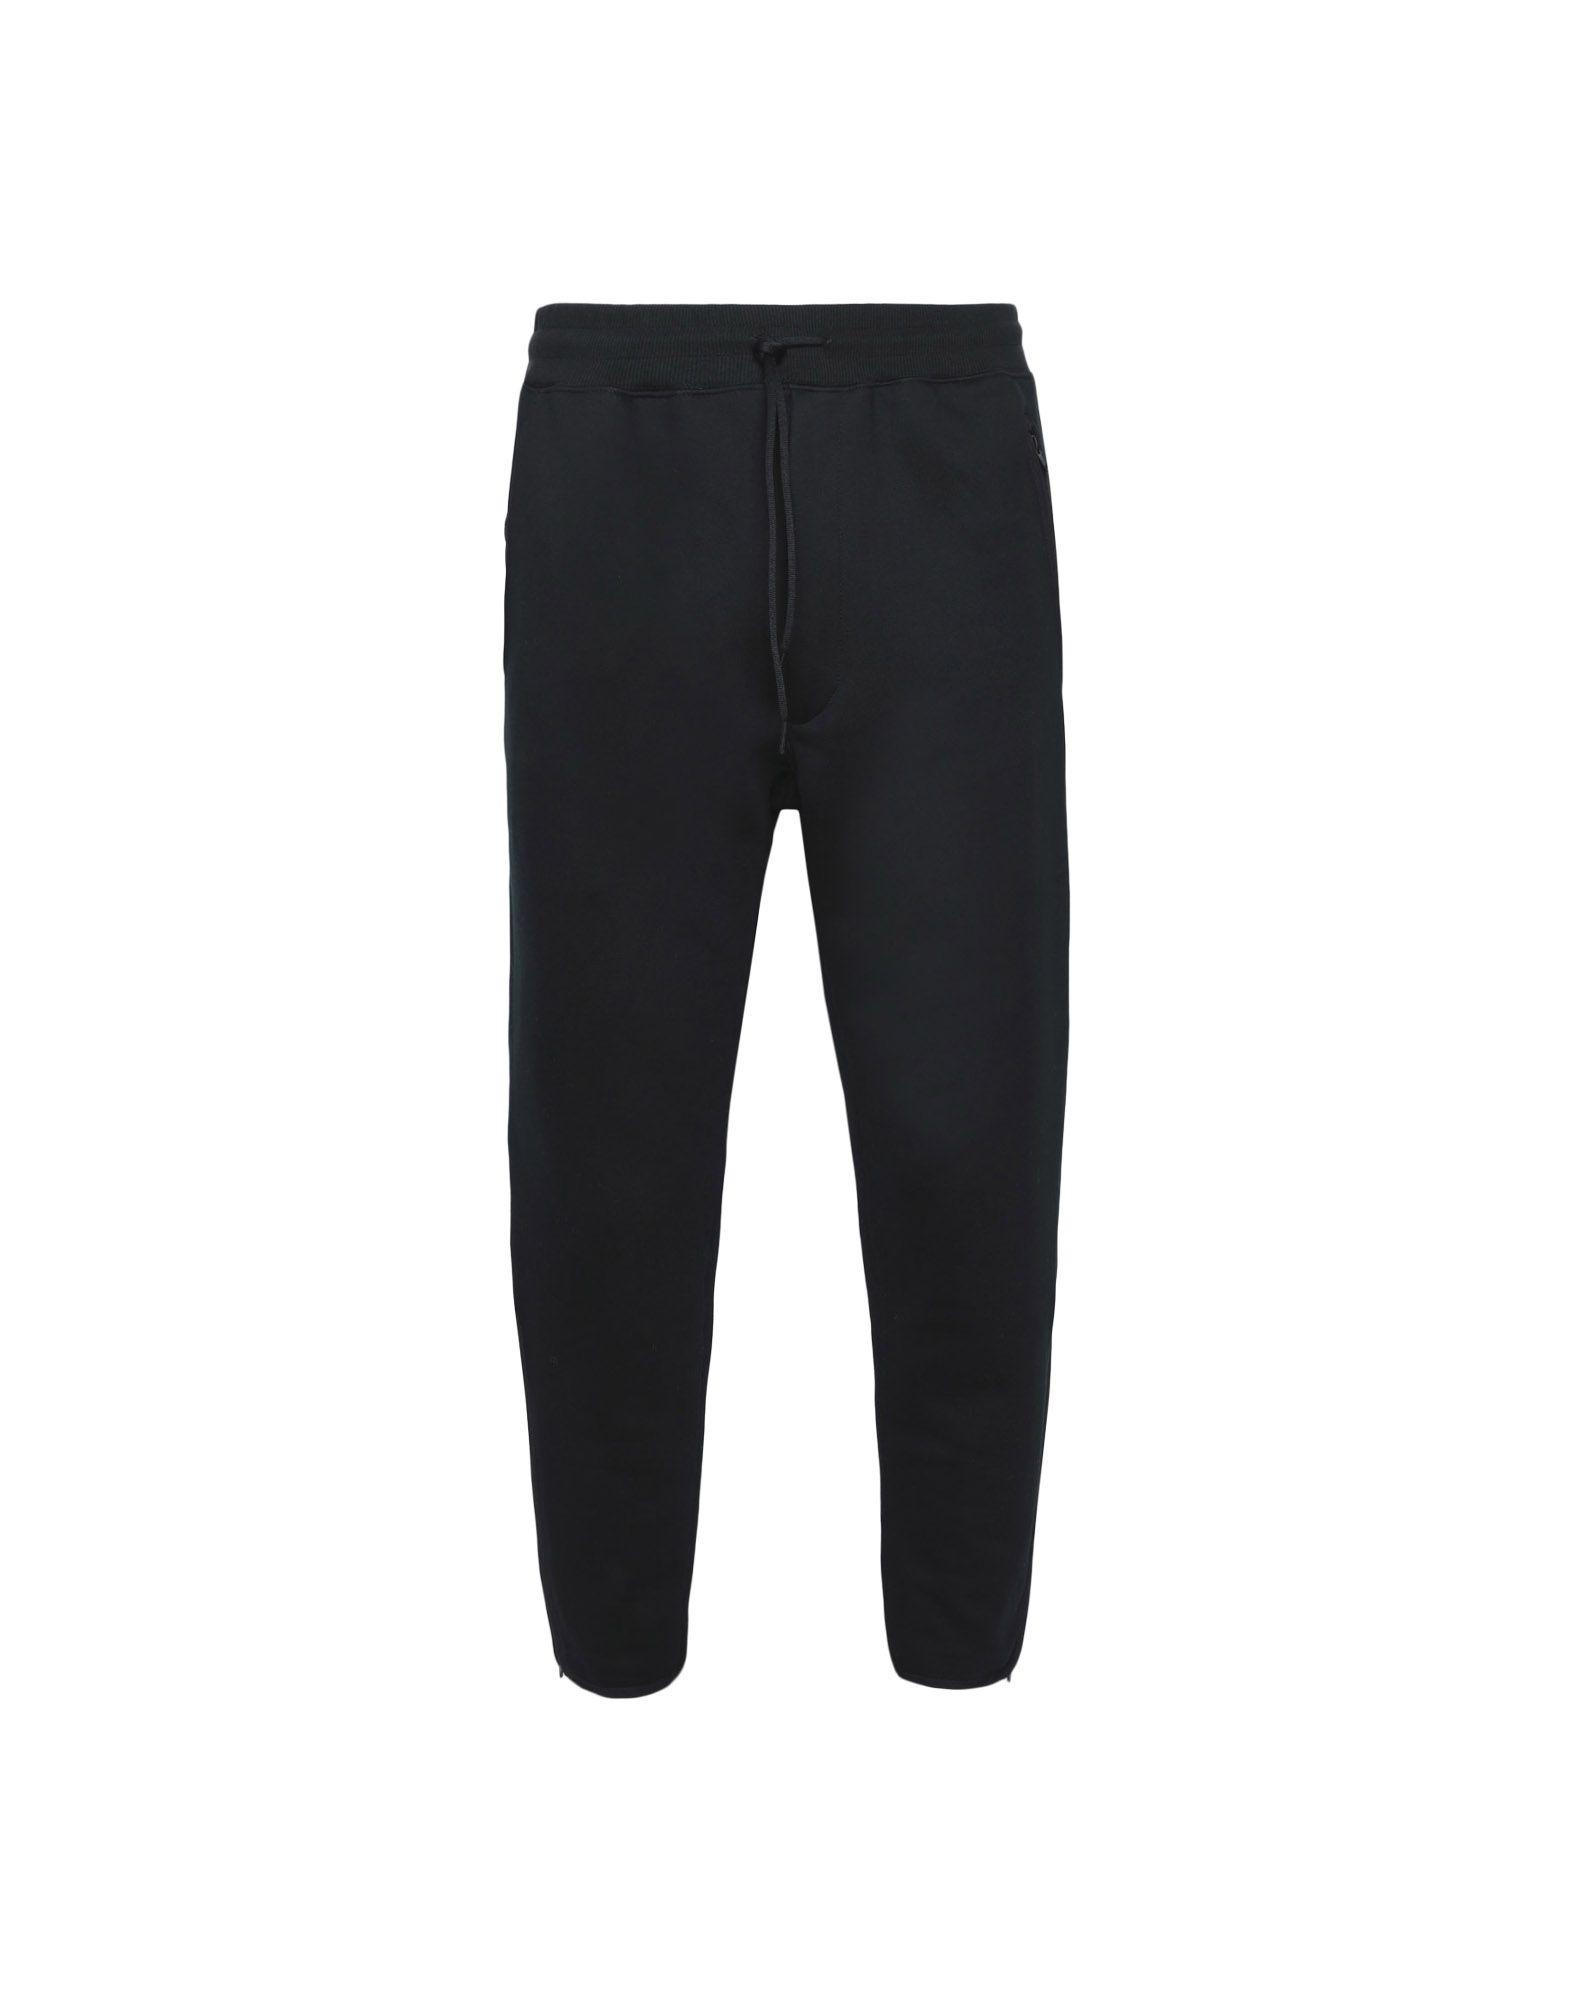 Y-3 Y-3 Binding Track Pants Track pant Man f